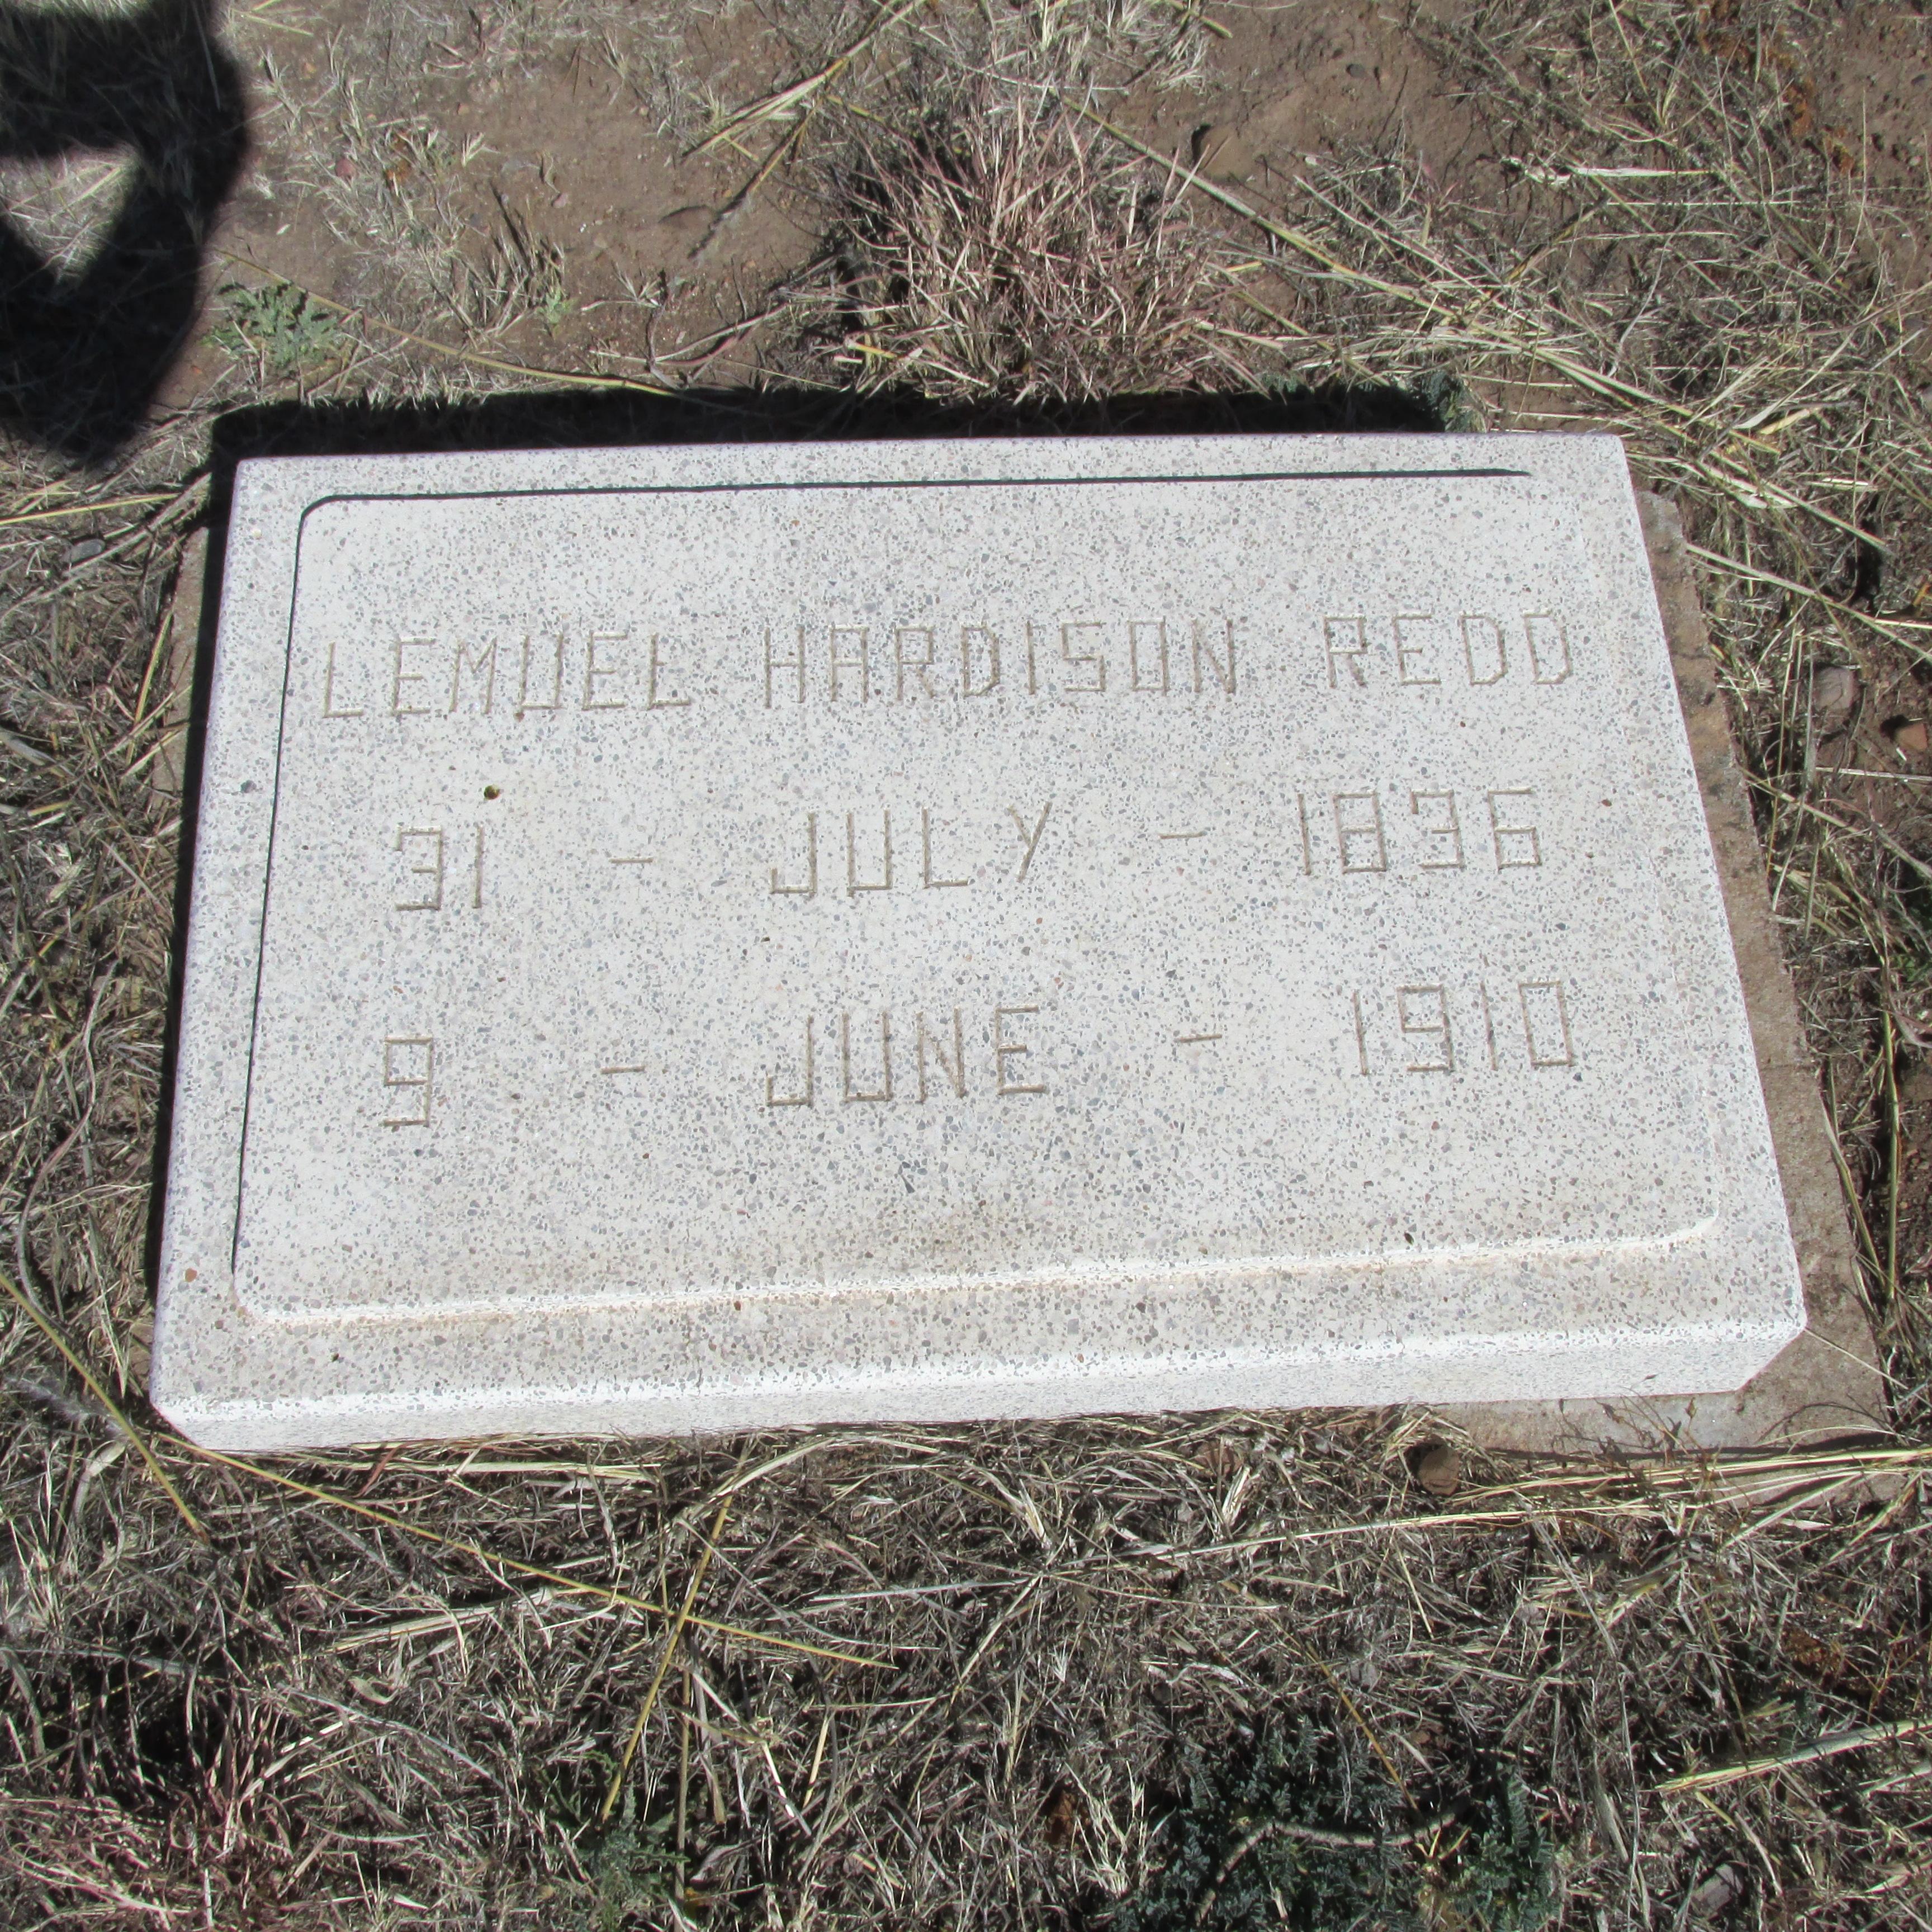 Lemuel H. Redd's grave.